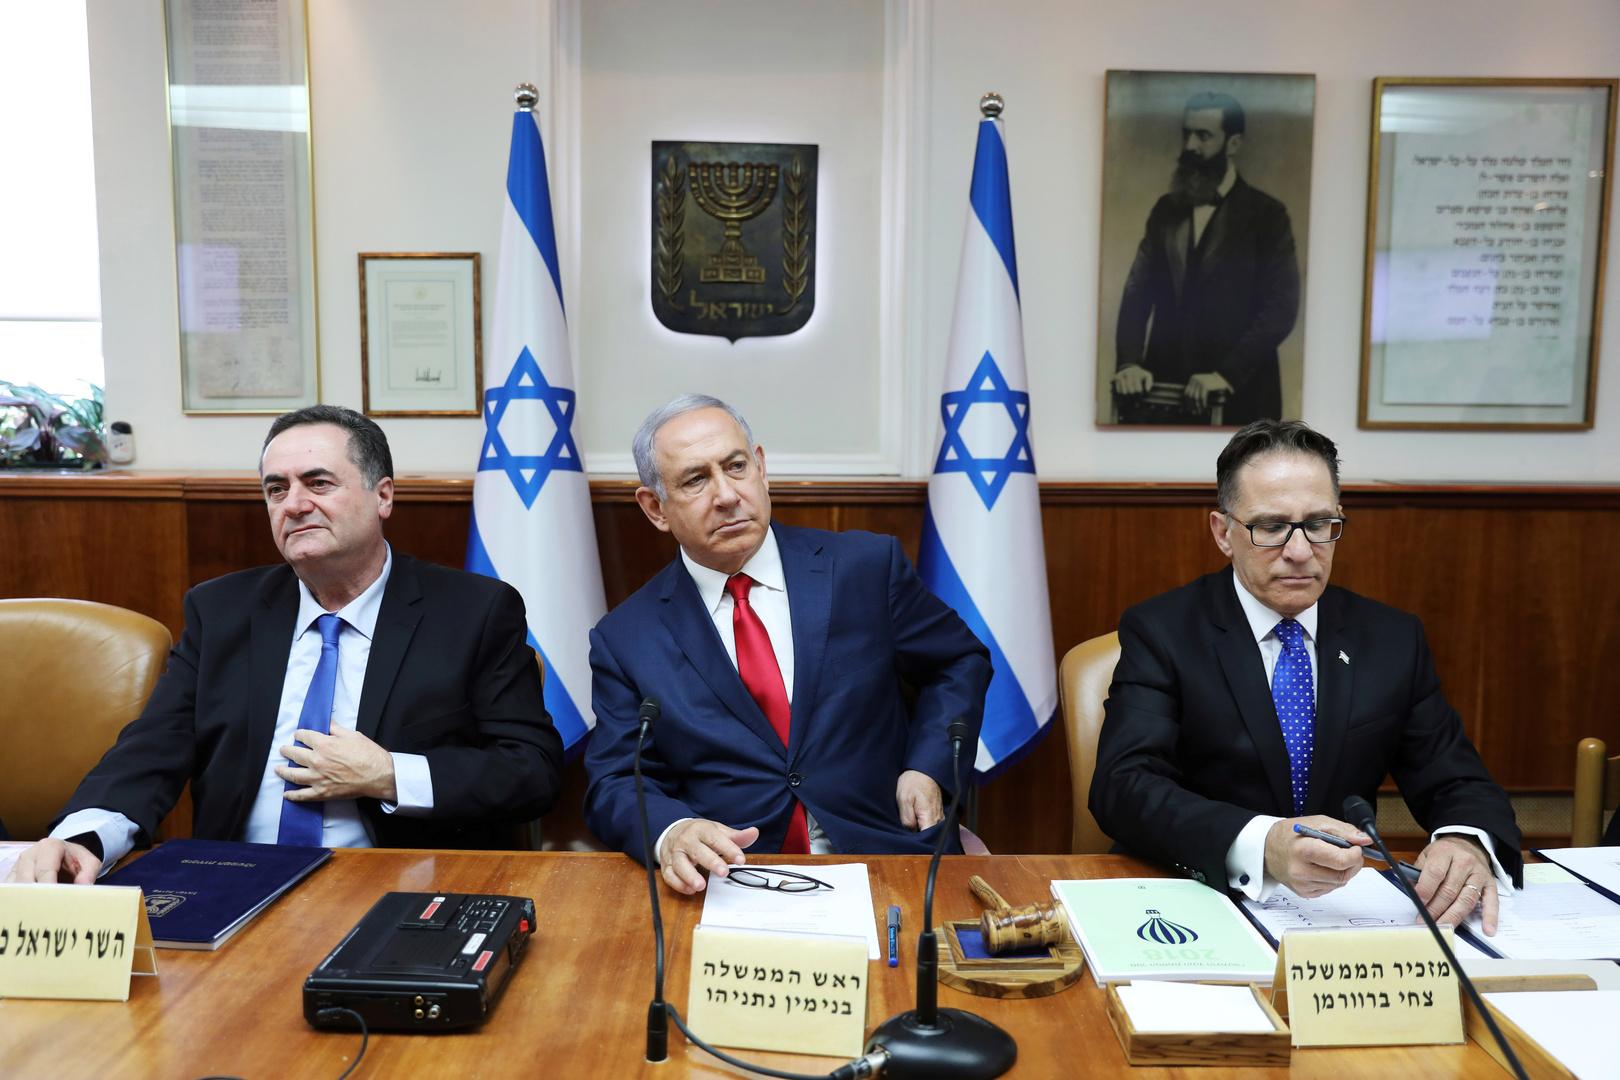 تقرير: إسرائيل وجهت رسالة تحذير لـ